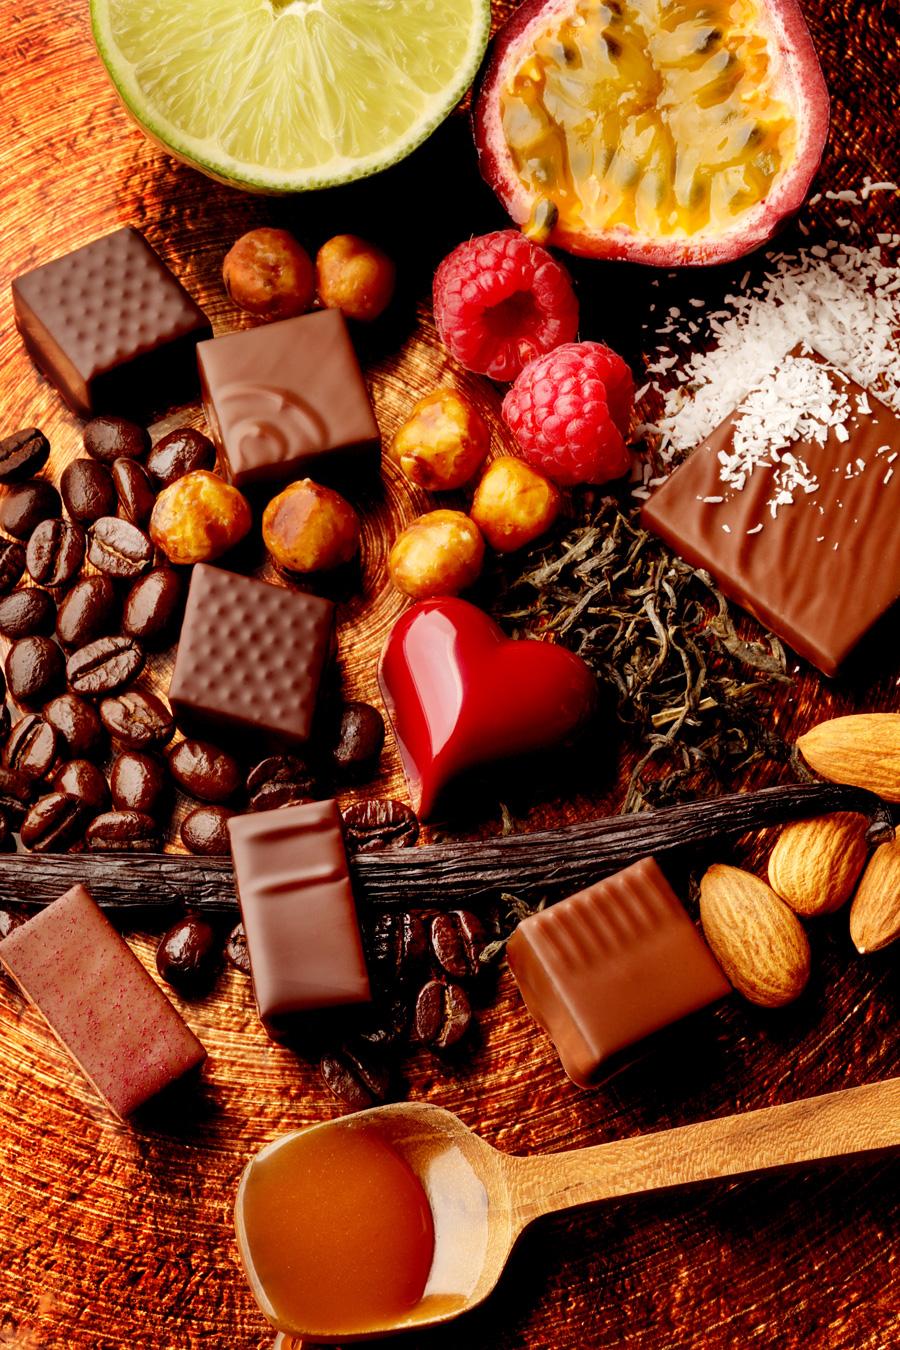 お取り寄せ(楽天) 世界最優秀味覚賞シェフ チョコレート レスポワール 8粒入り あす楽対応 価格2,970円 (税込)